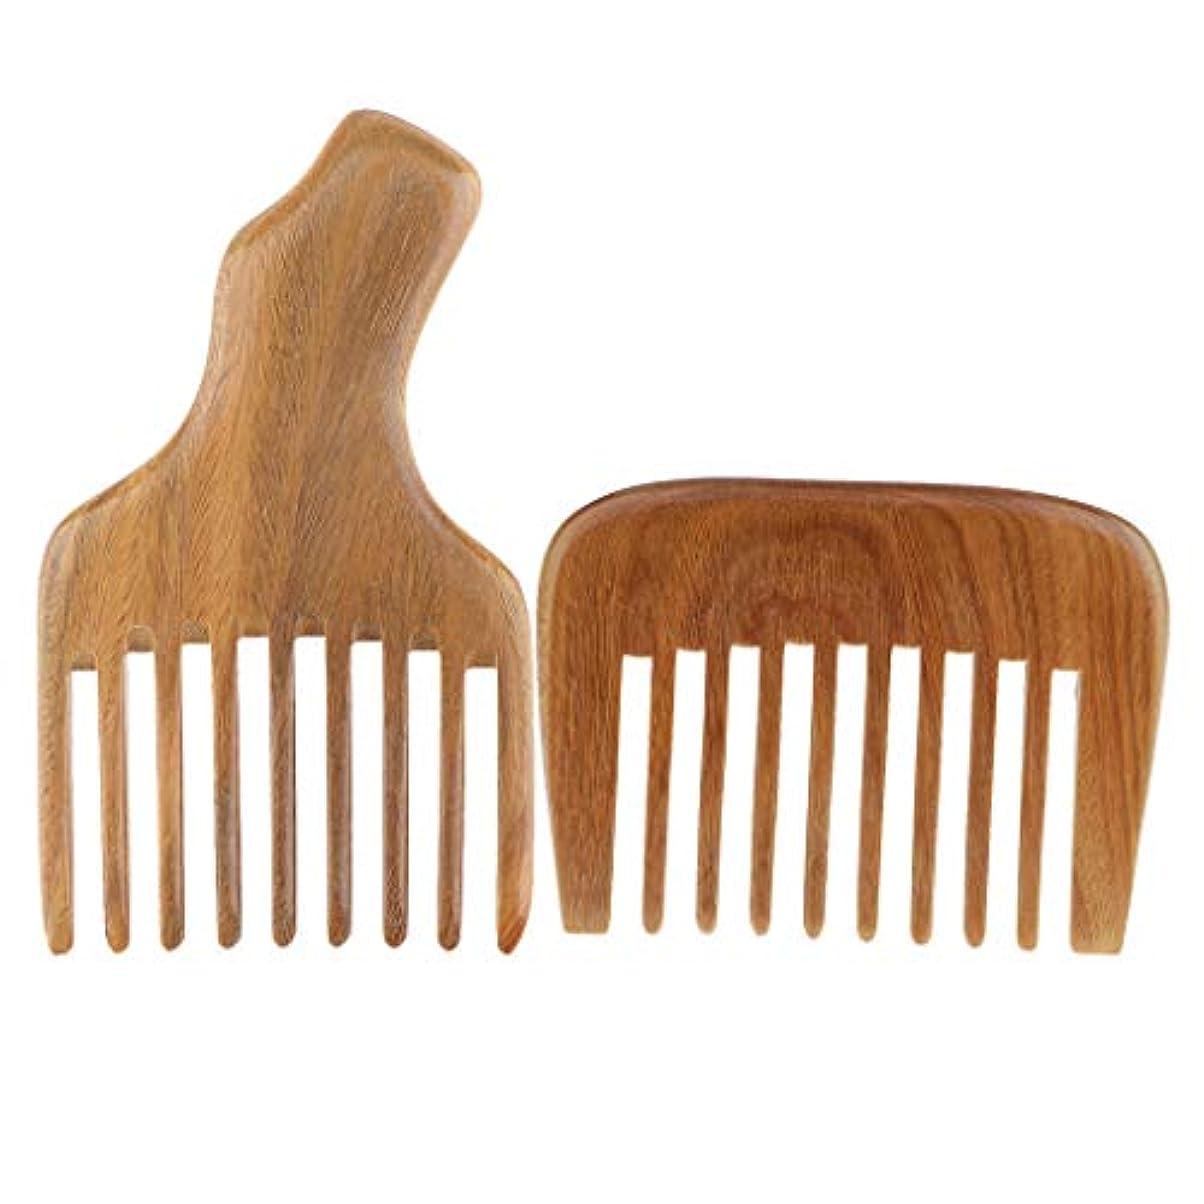 精査材料バストウッドコーム 天然木の櫛セット 髪のマッサージの櫛 2個セット